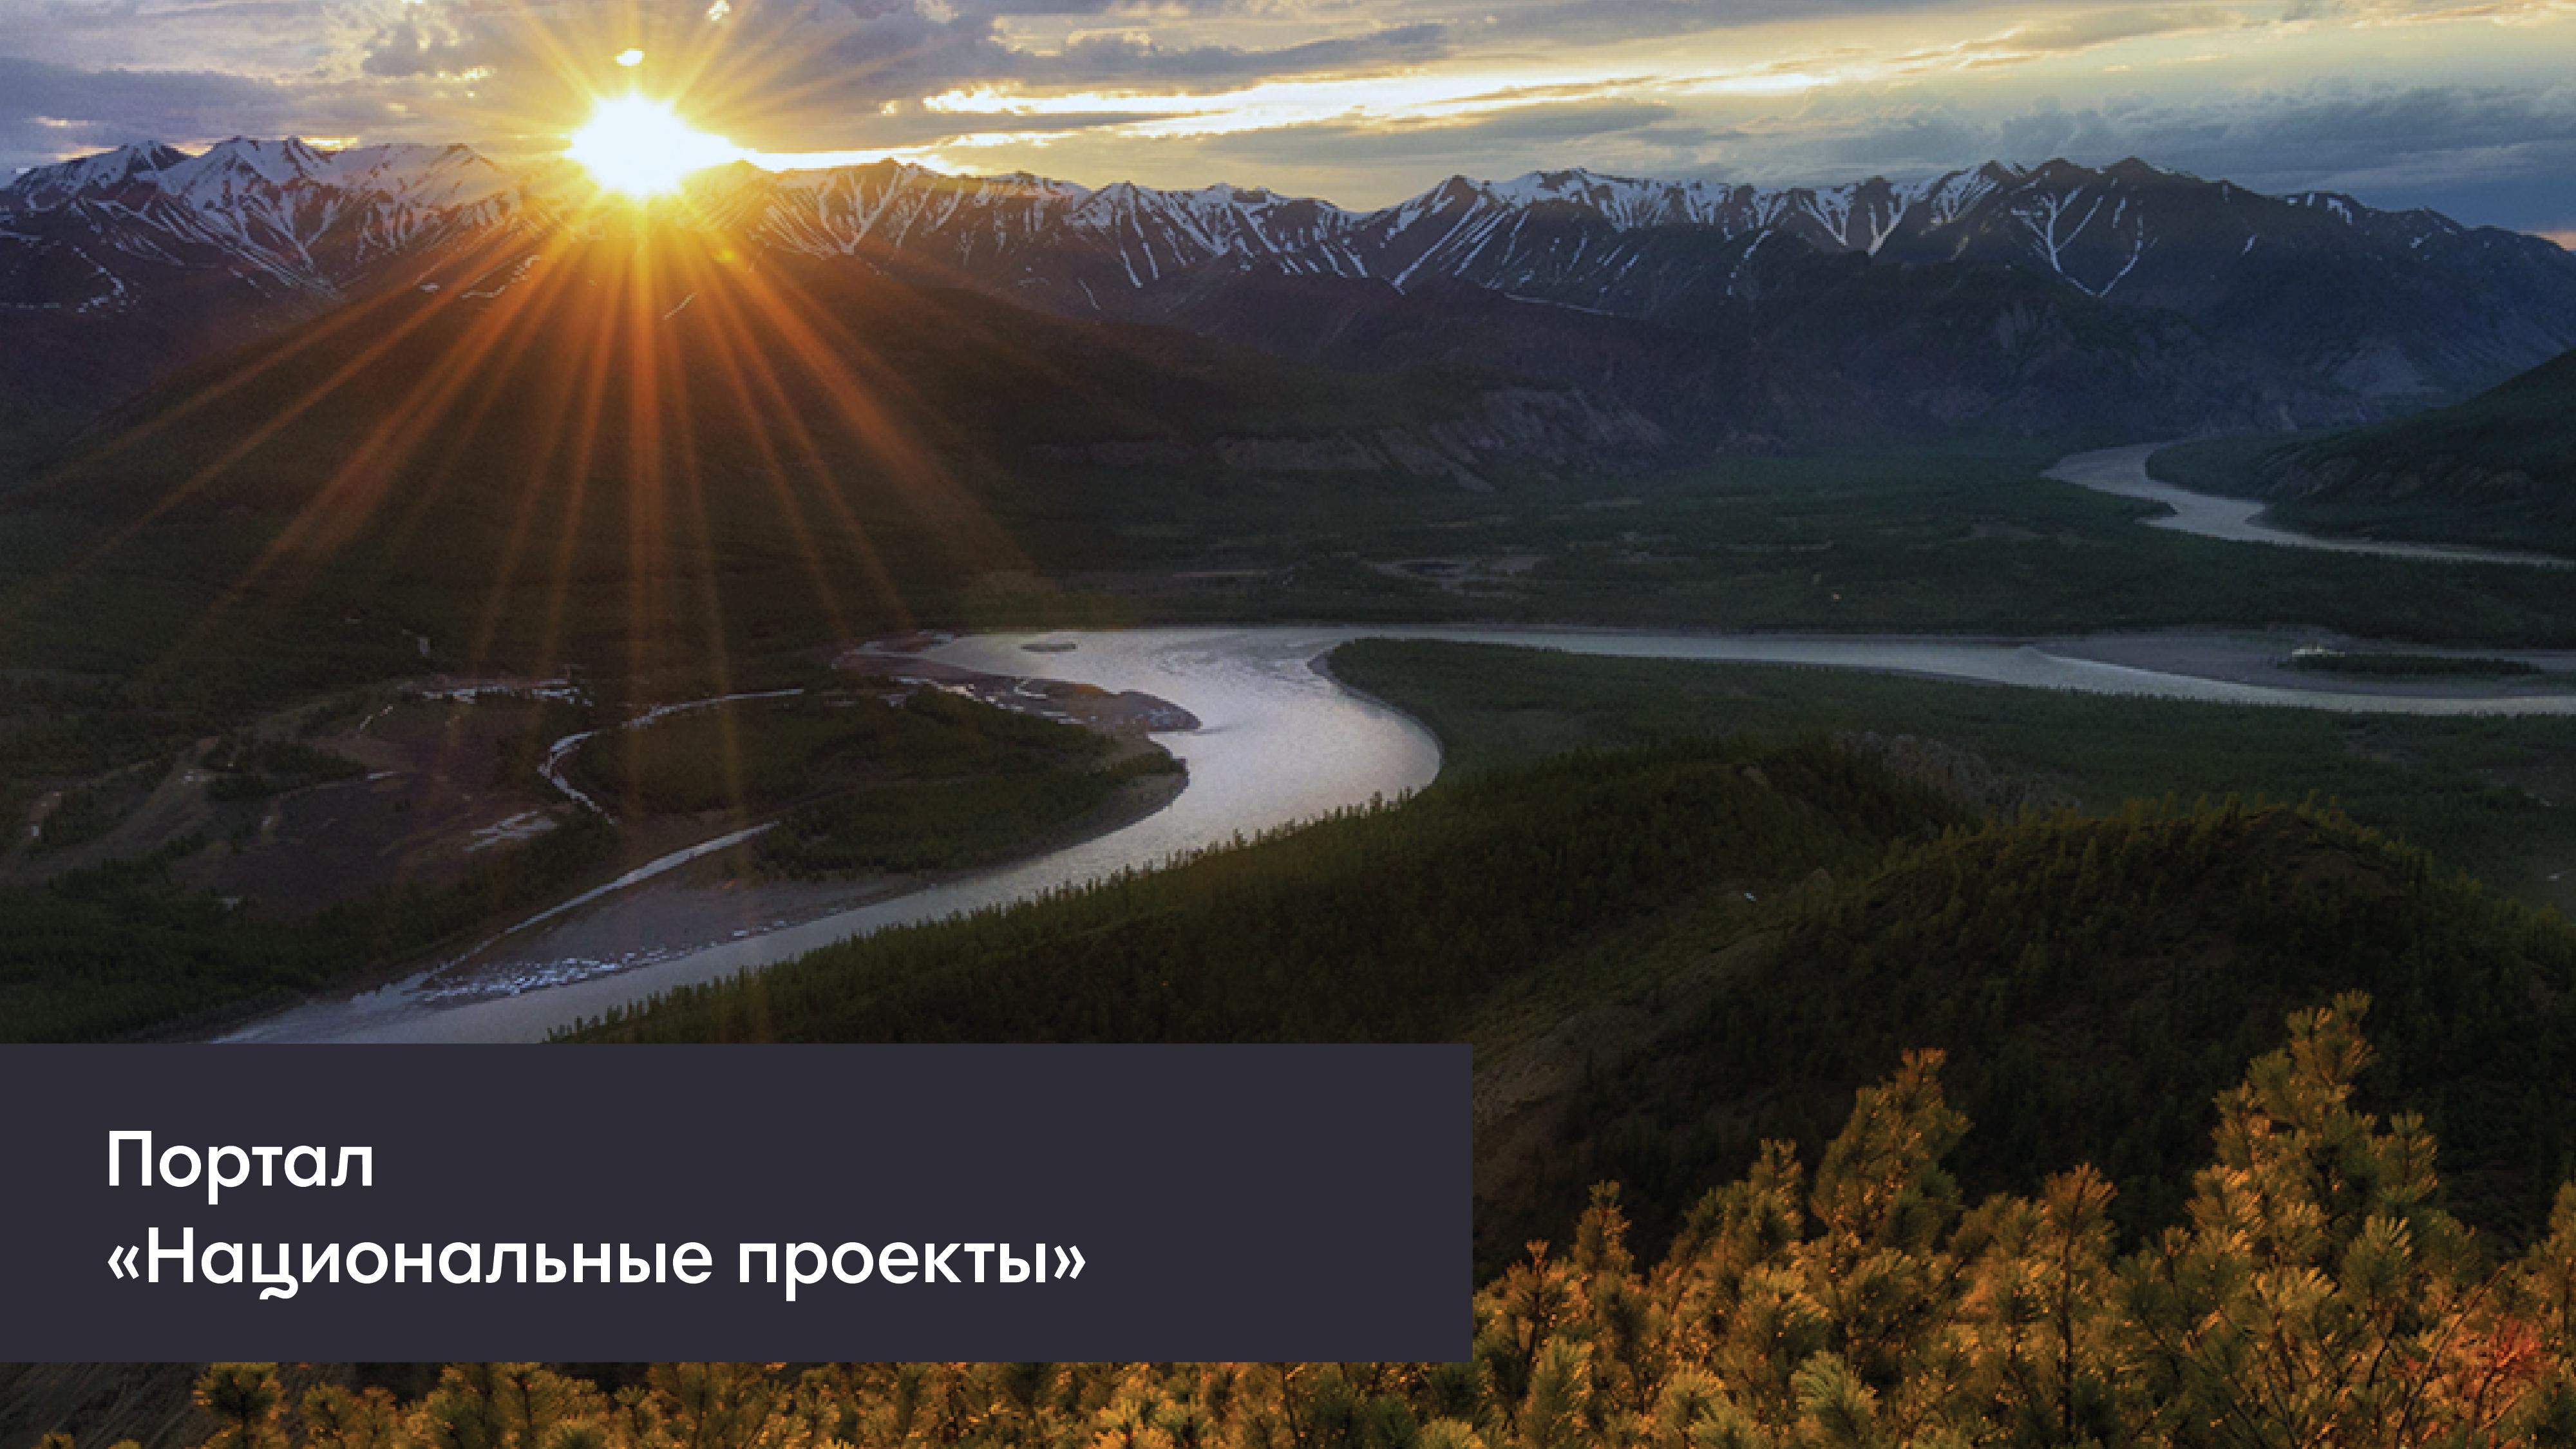 Портал «Национальные проекты: будущее России»